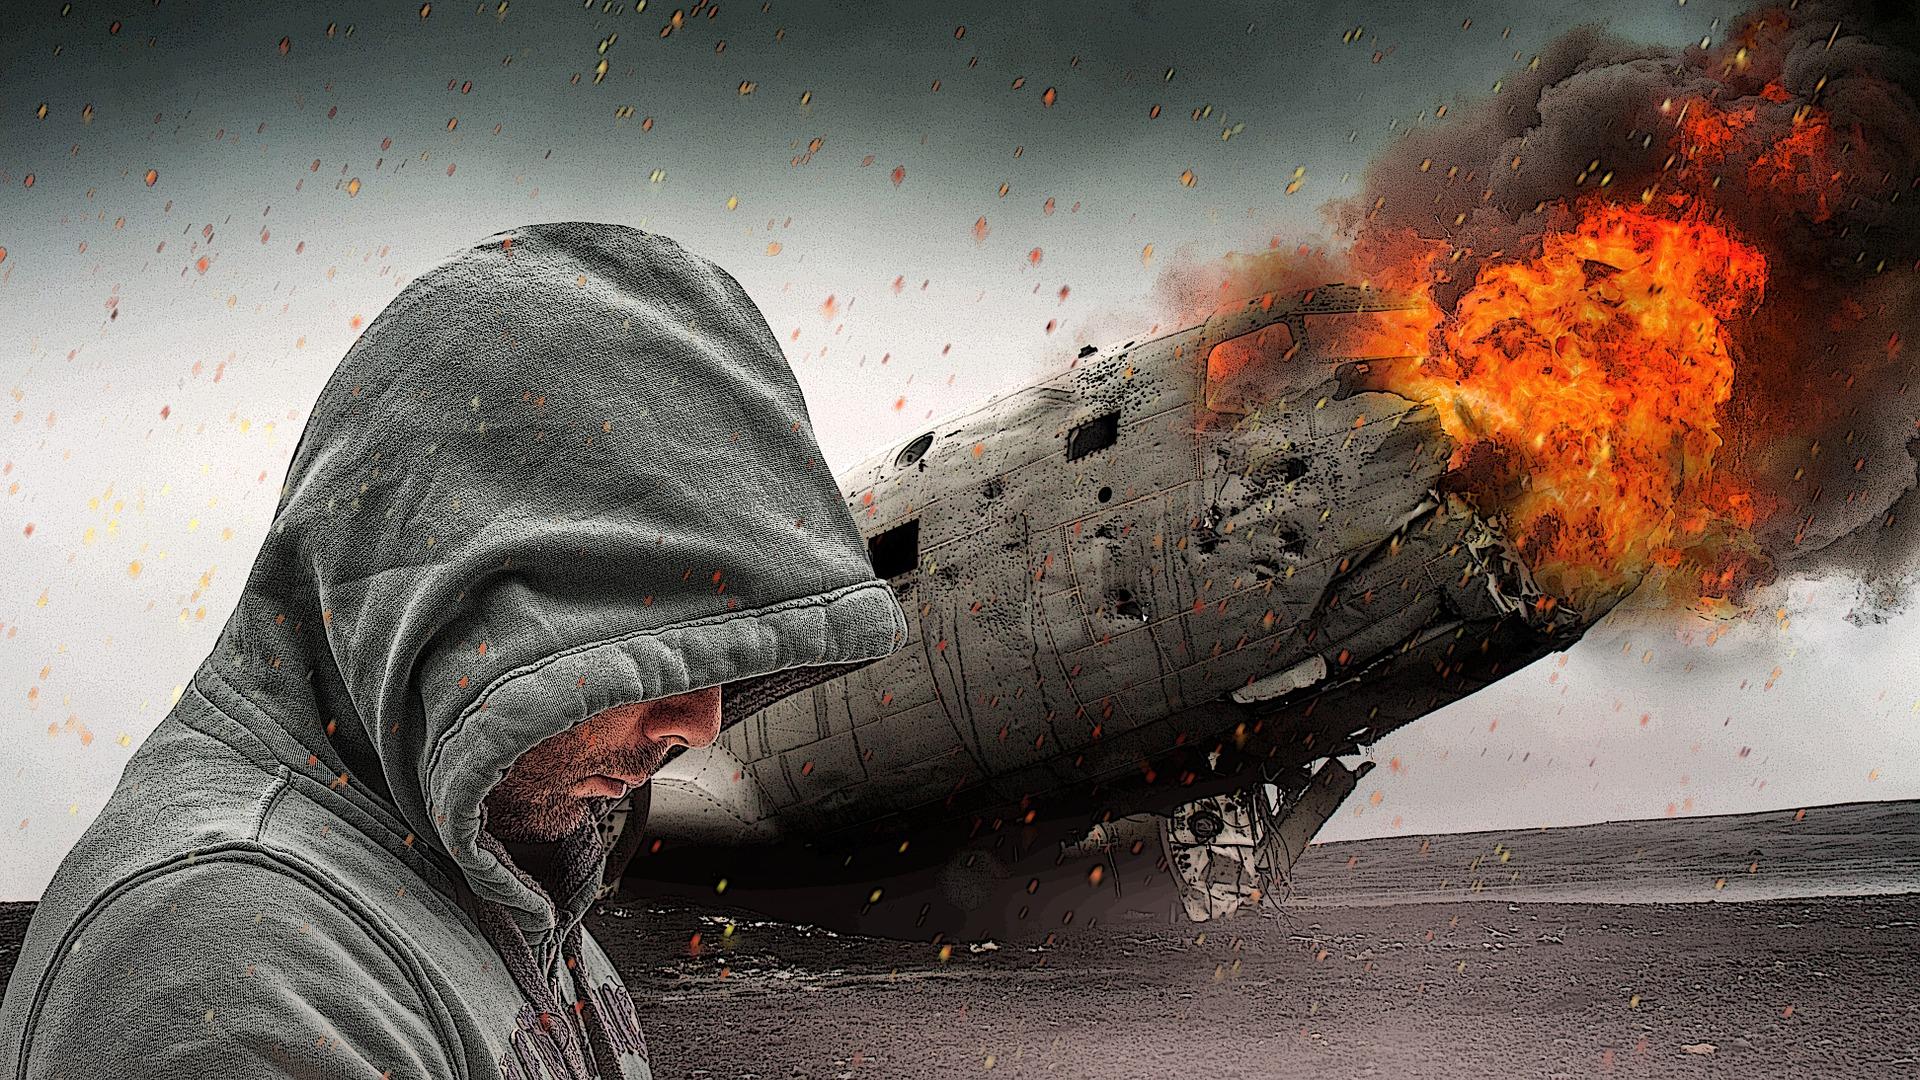 男, 航空機, 影響, 破壊, 火, 爆発 - HD の壁紙 - 教授 falken.om